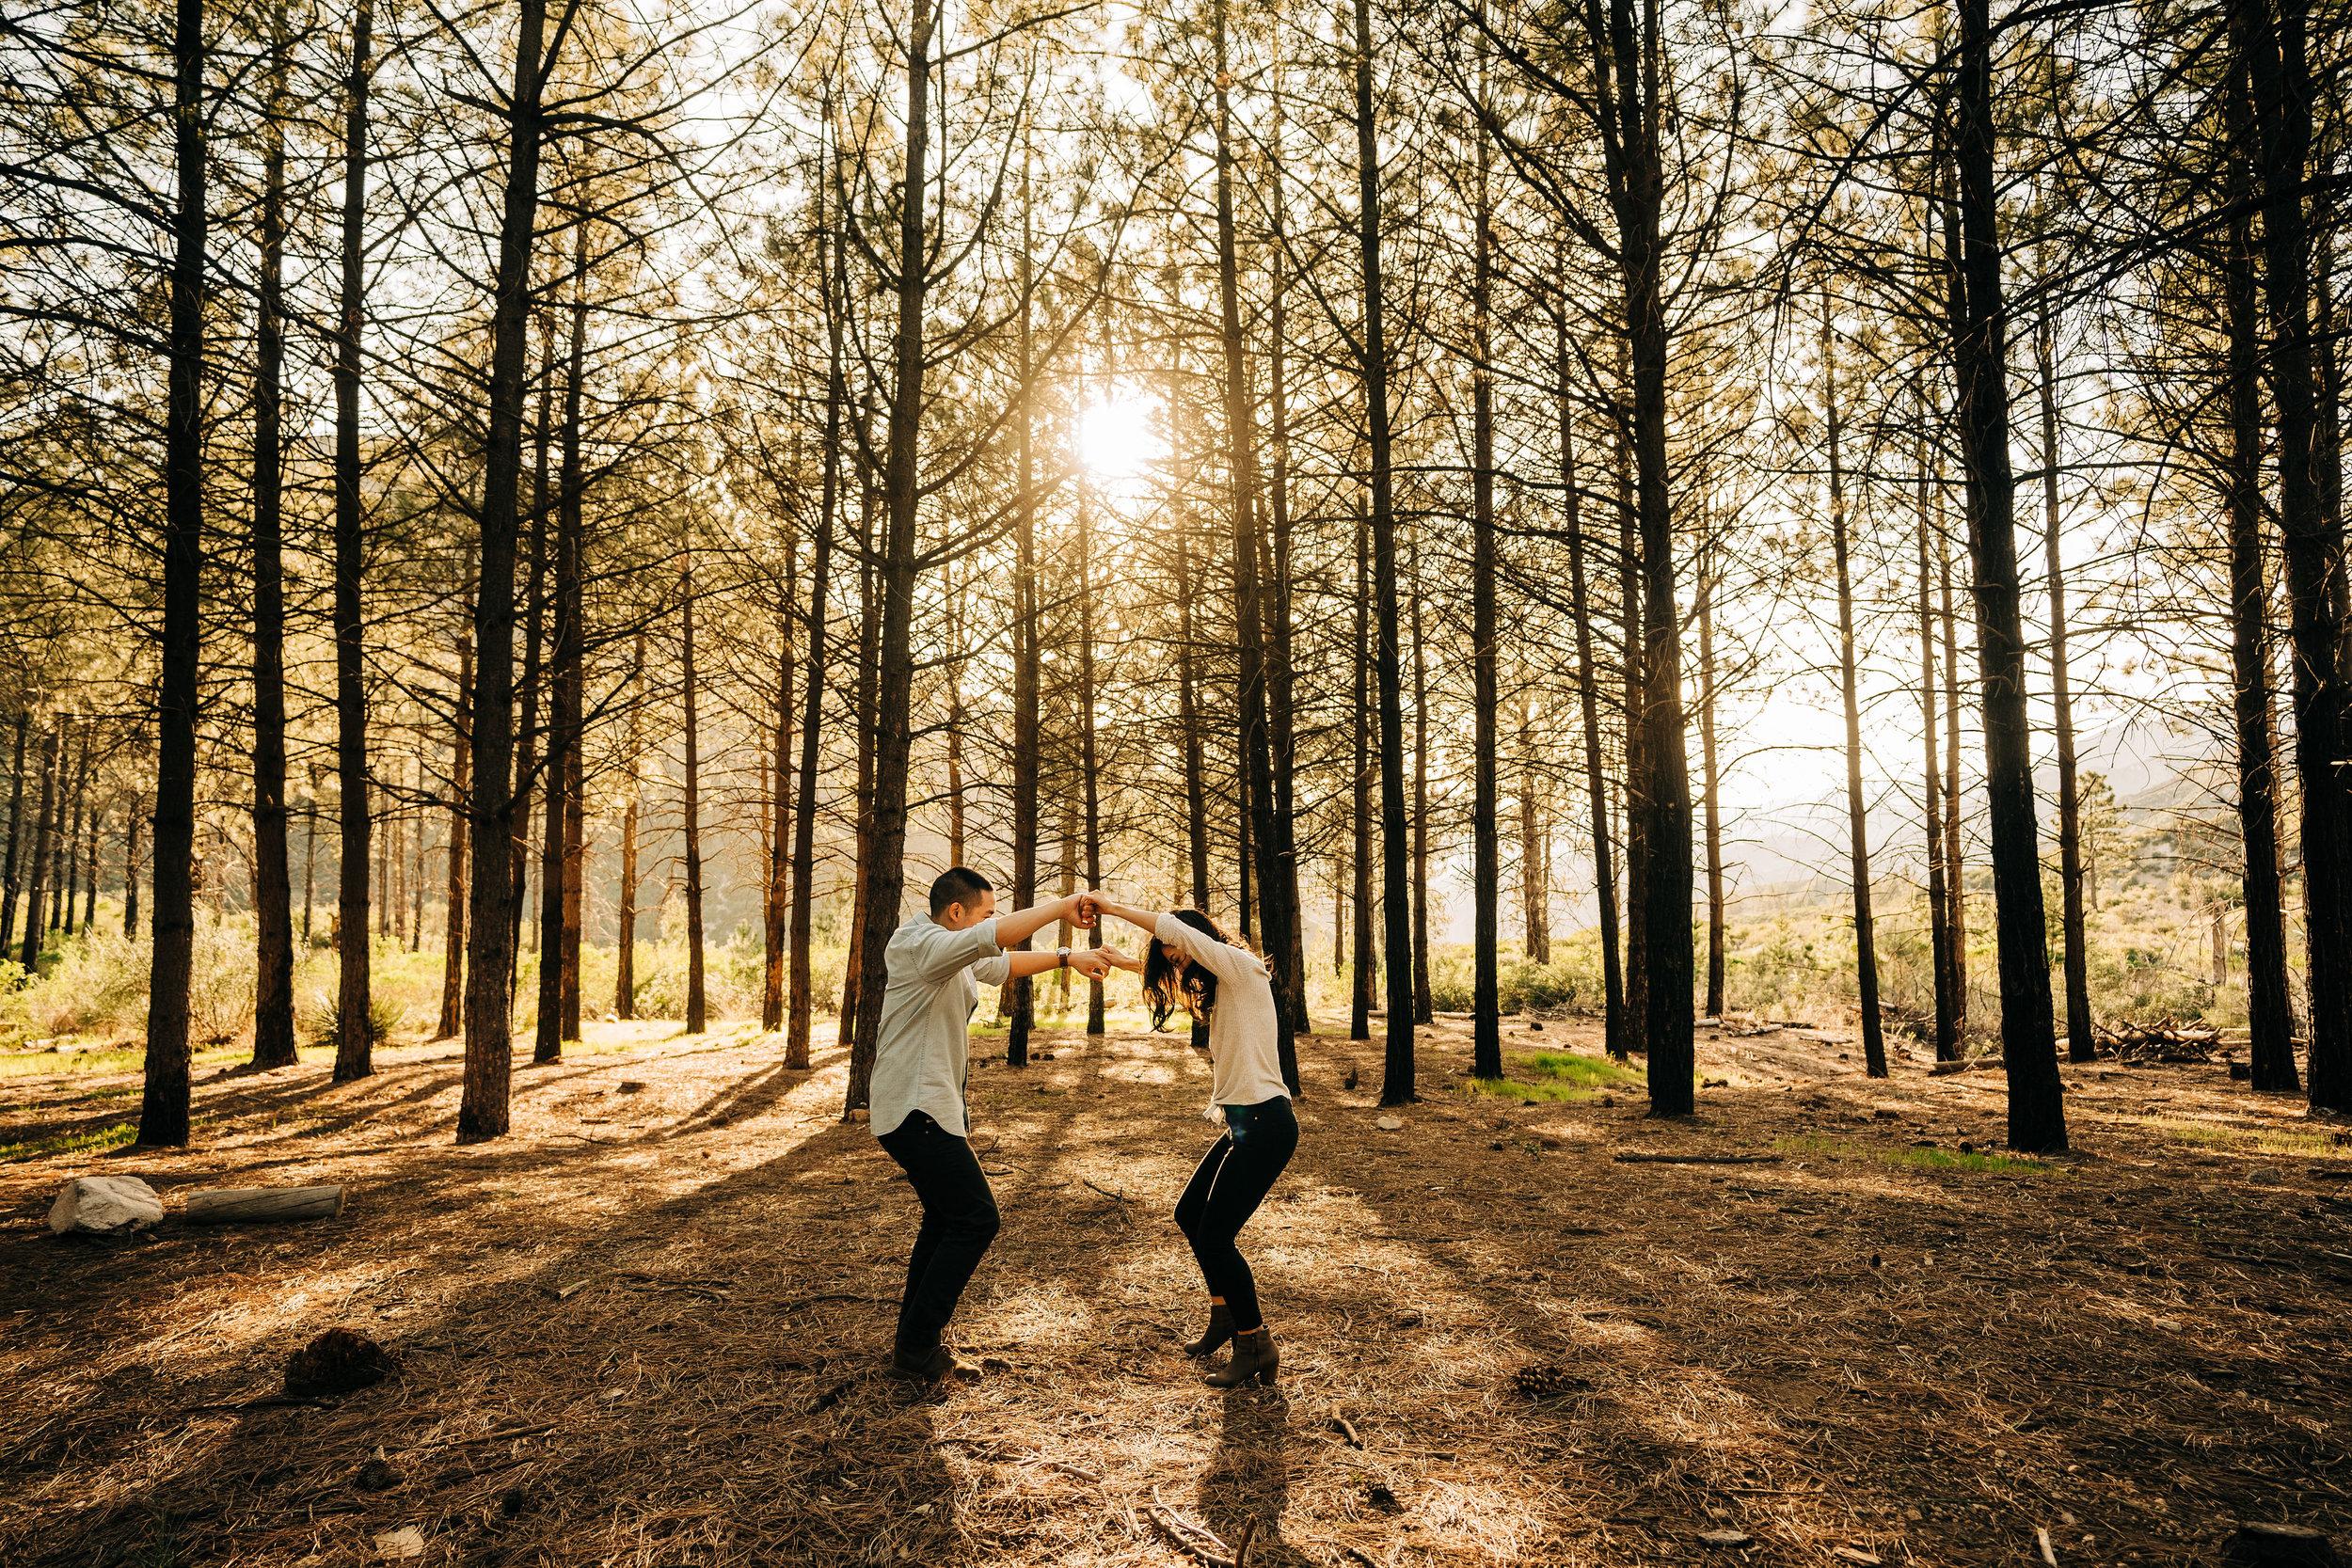 la-forest-engagement-photos-048.jpg